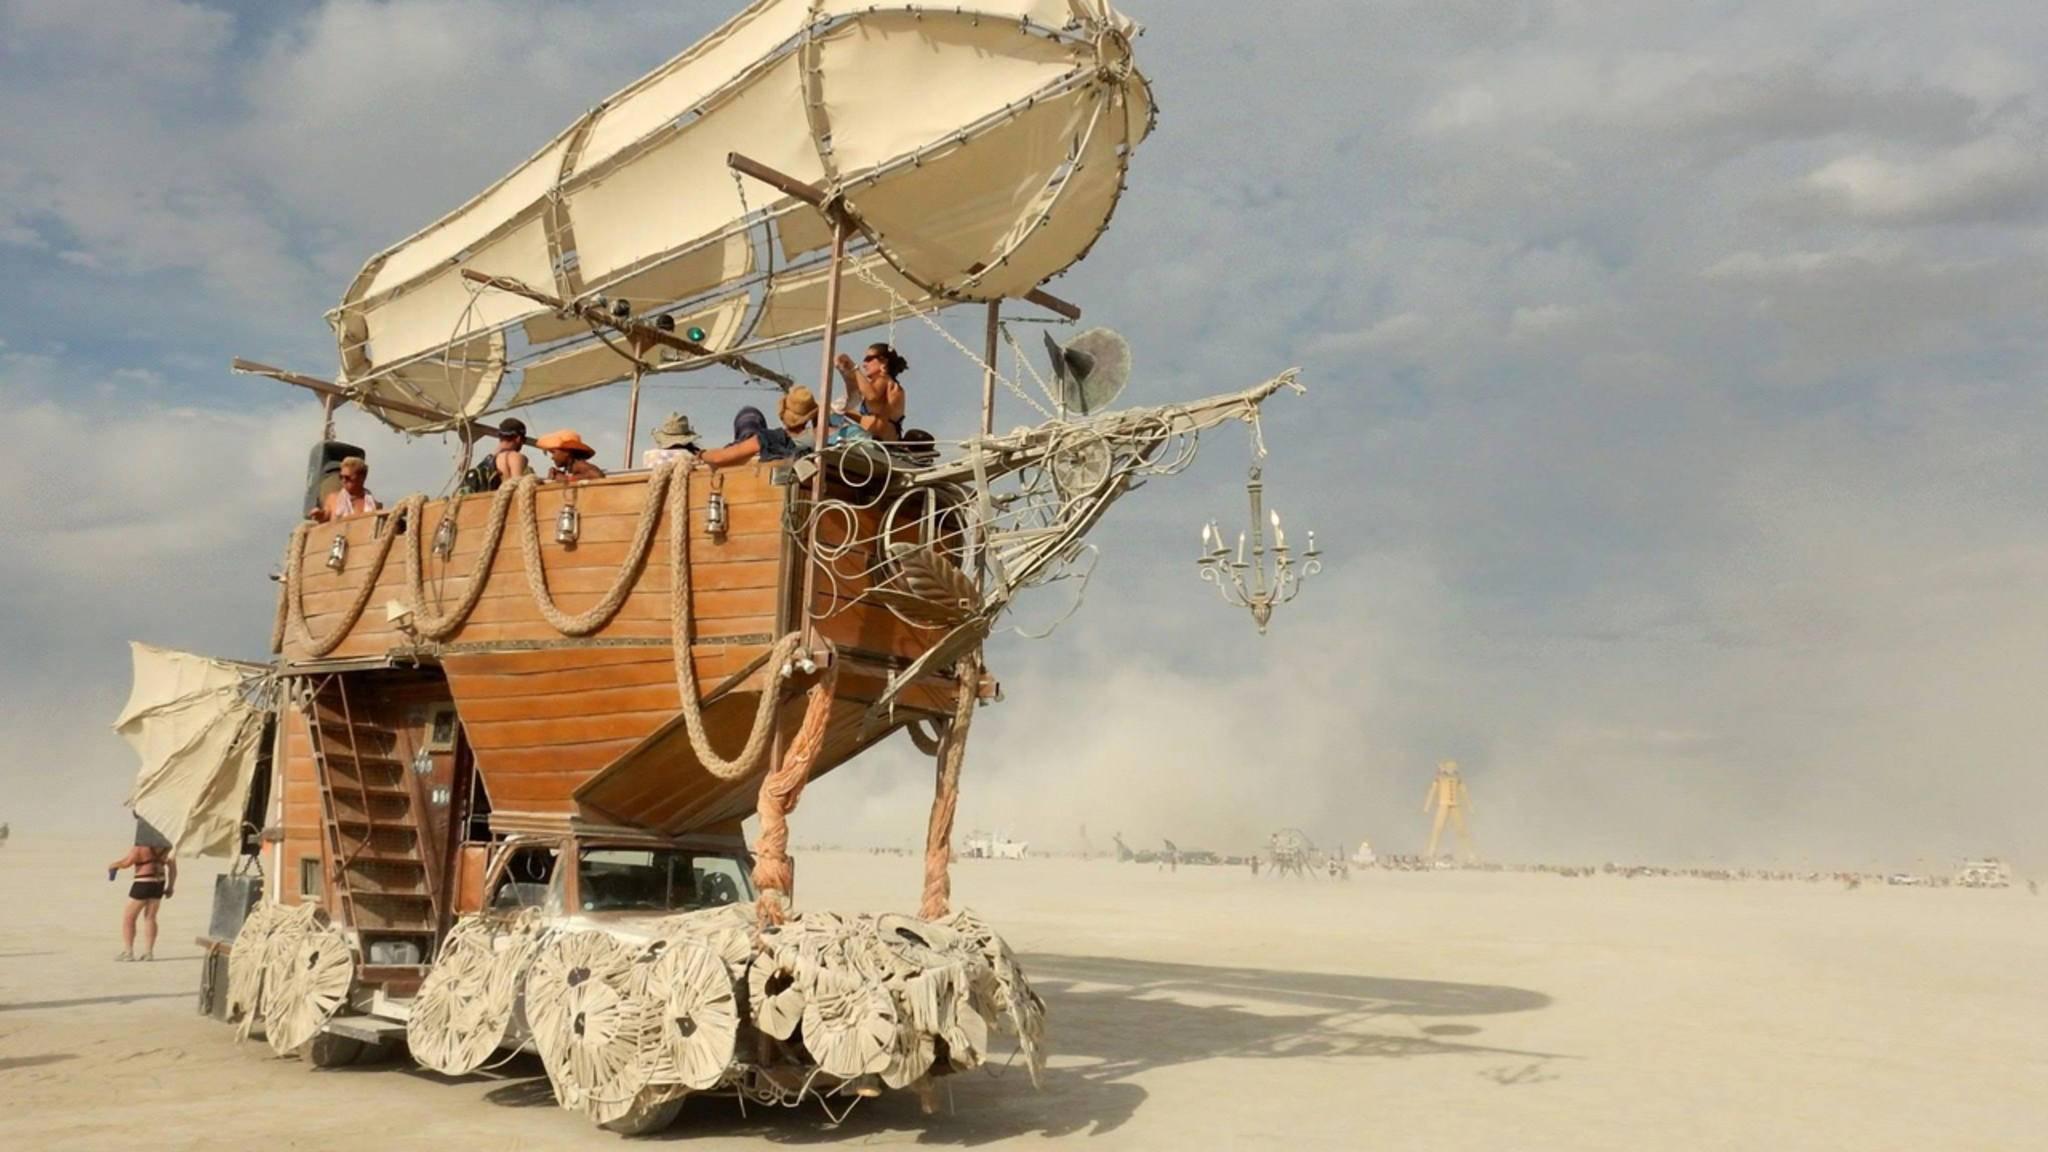 Das Burning Man Festival in der Wüste Nevadas ist für ausgefallene Kunstwerke und Hippie-Spirit bekannt